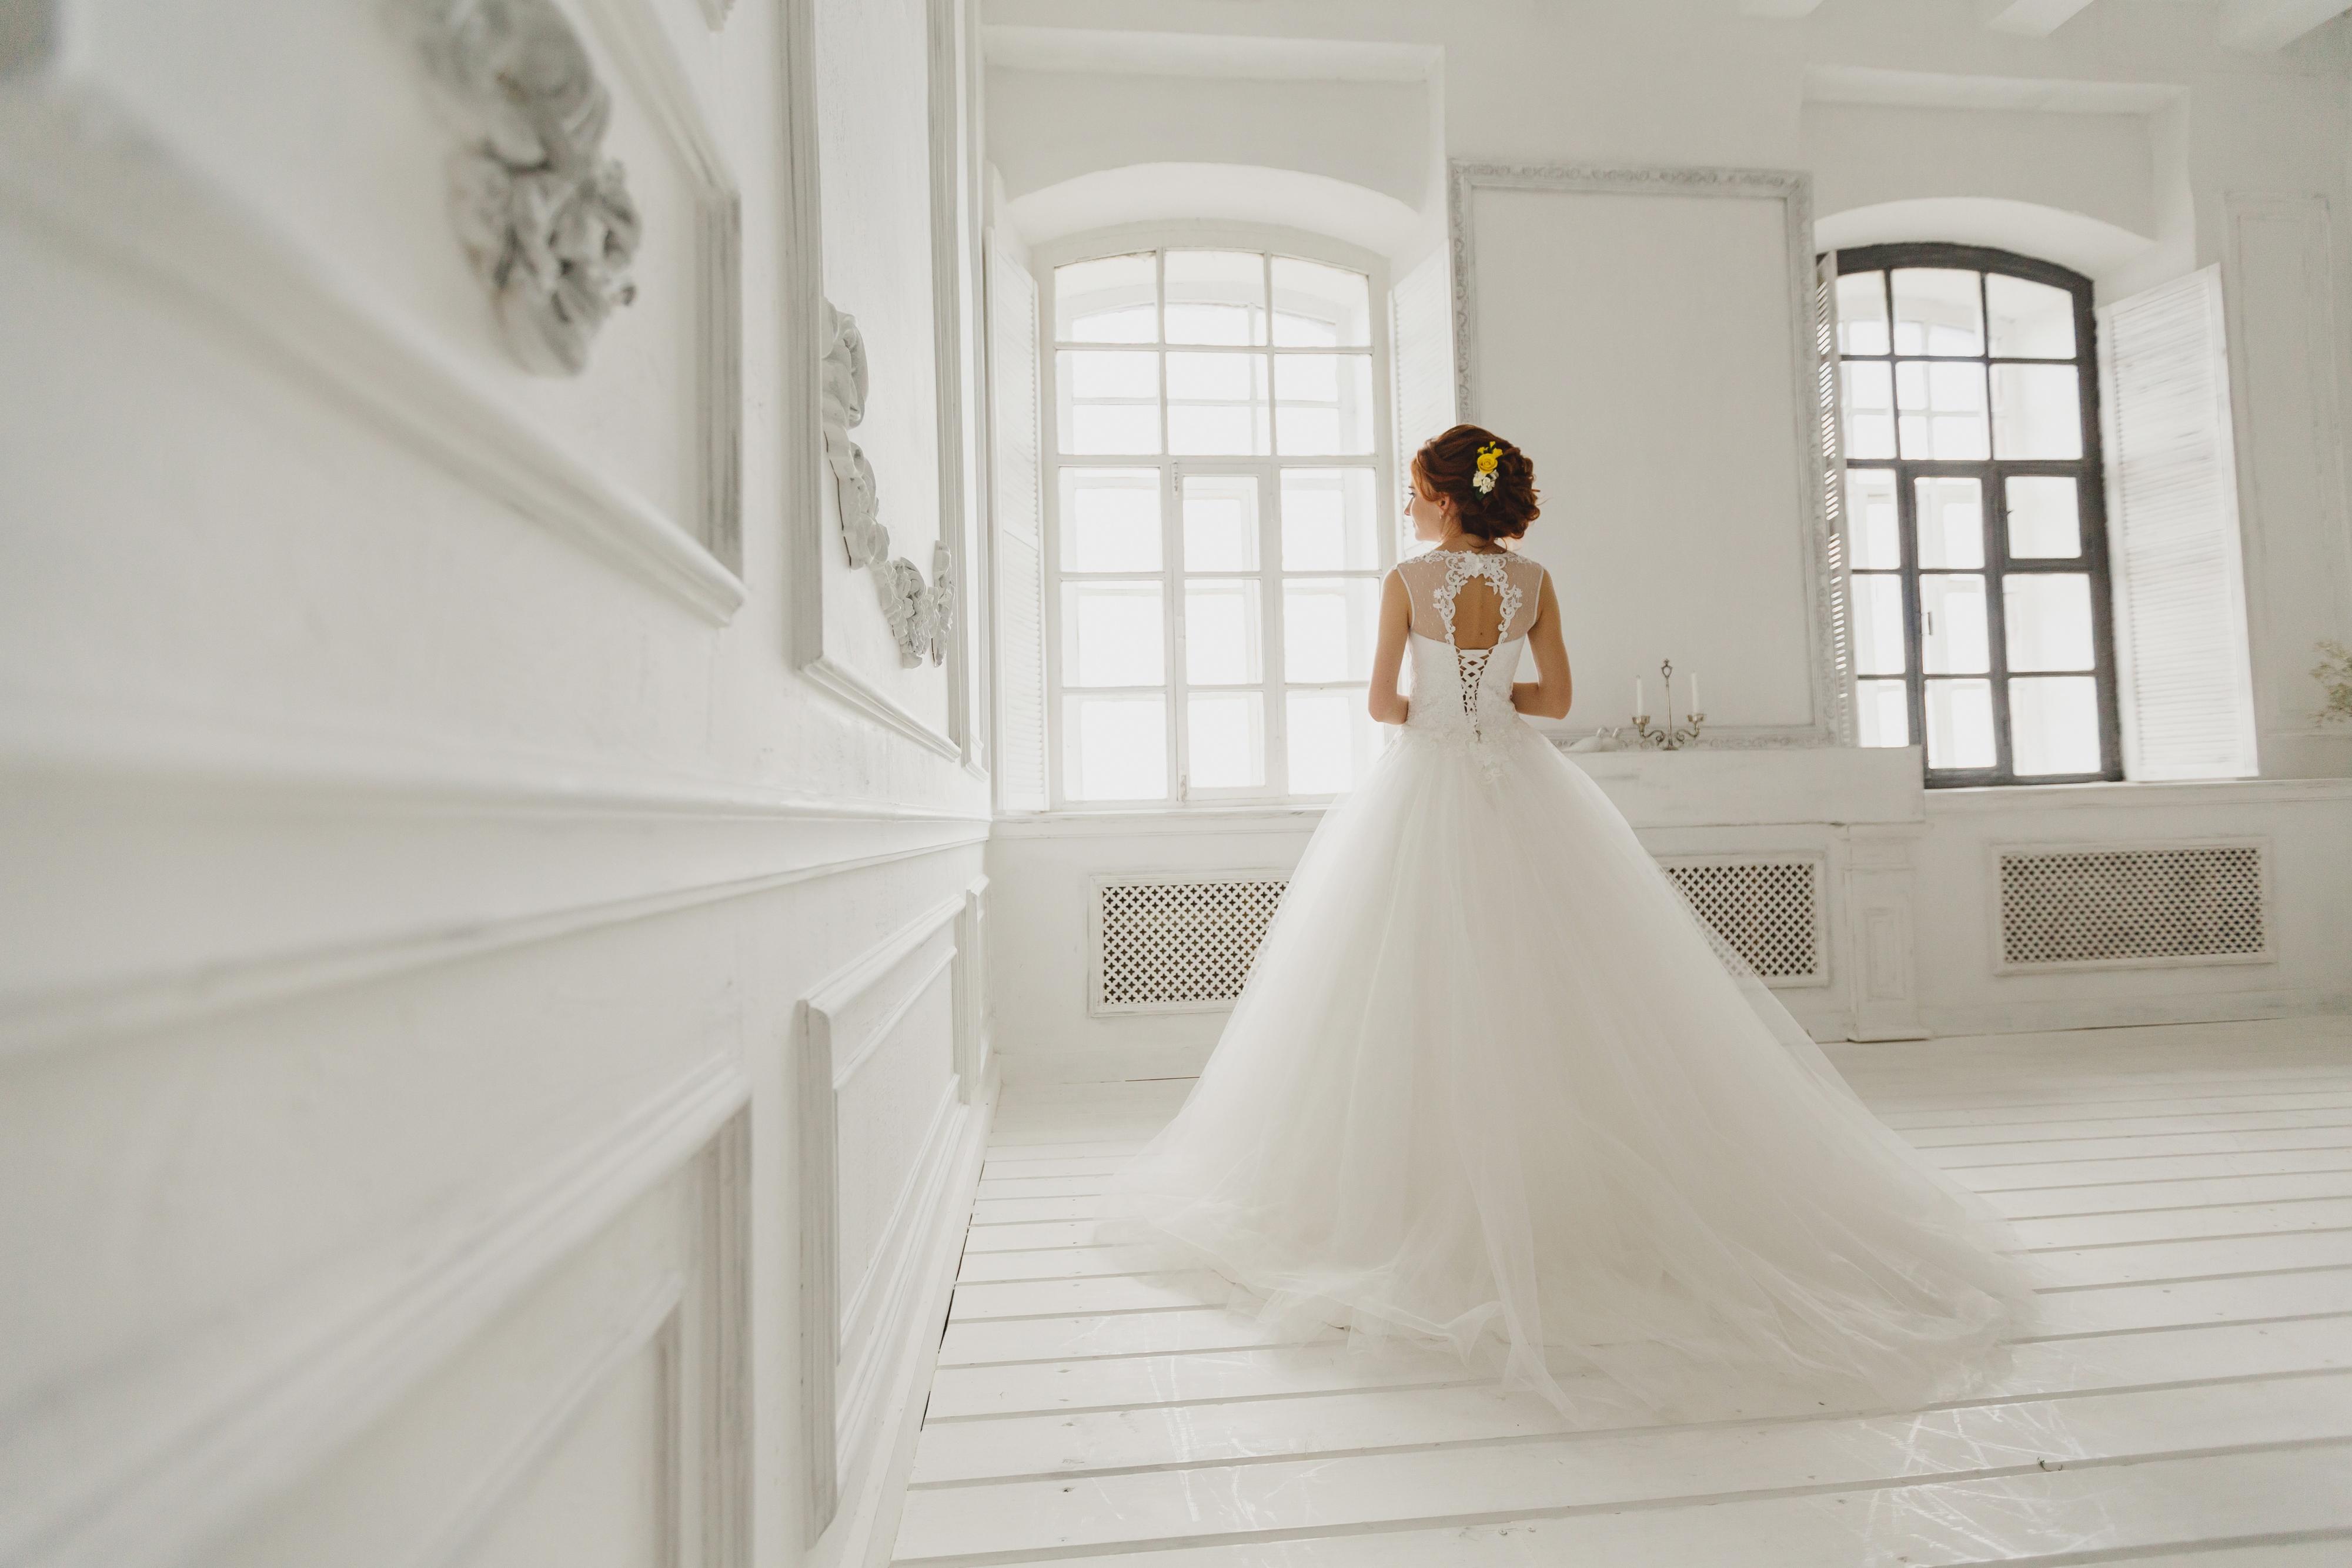 BELFASO, дом свадебной и вечерней моды в Нижнем Новгороде